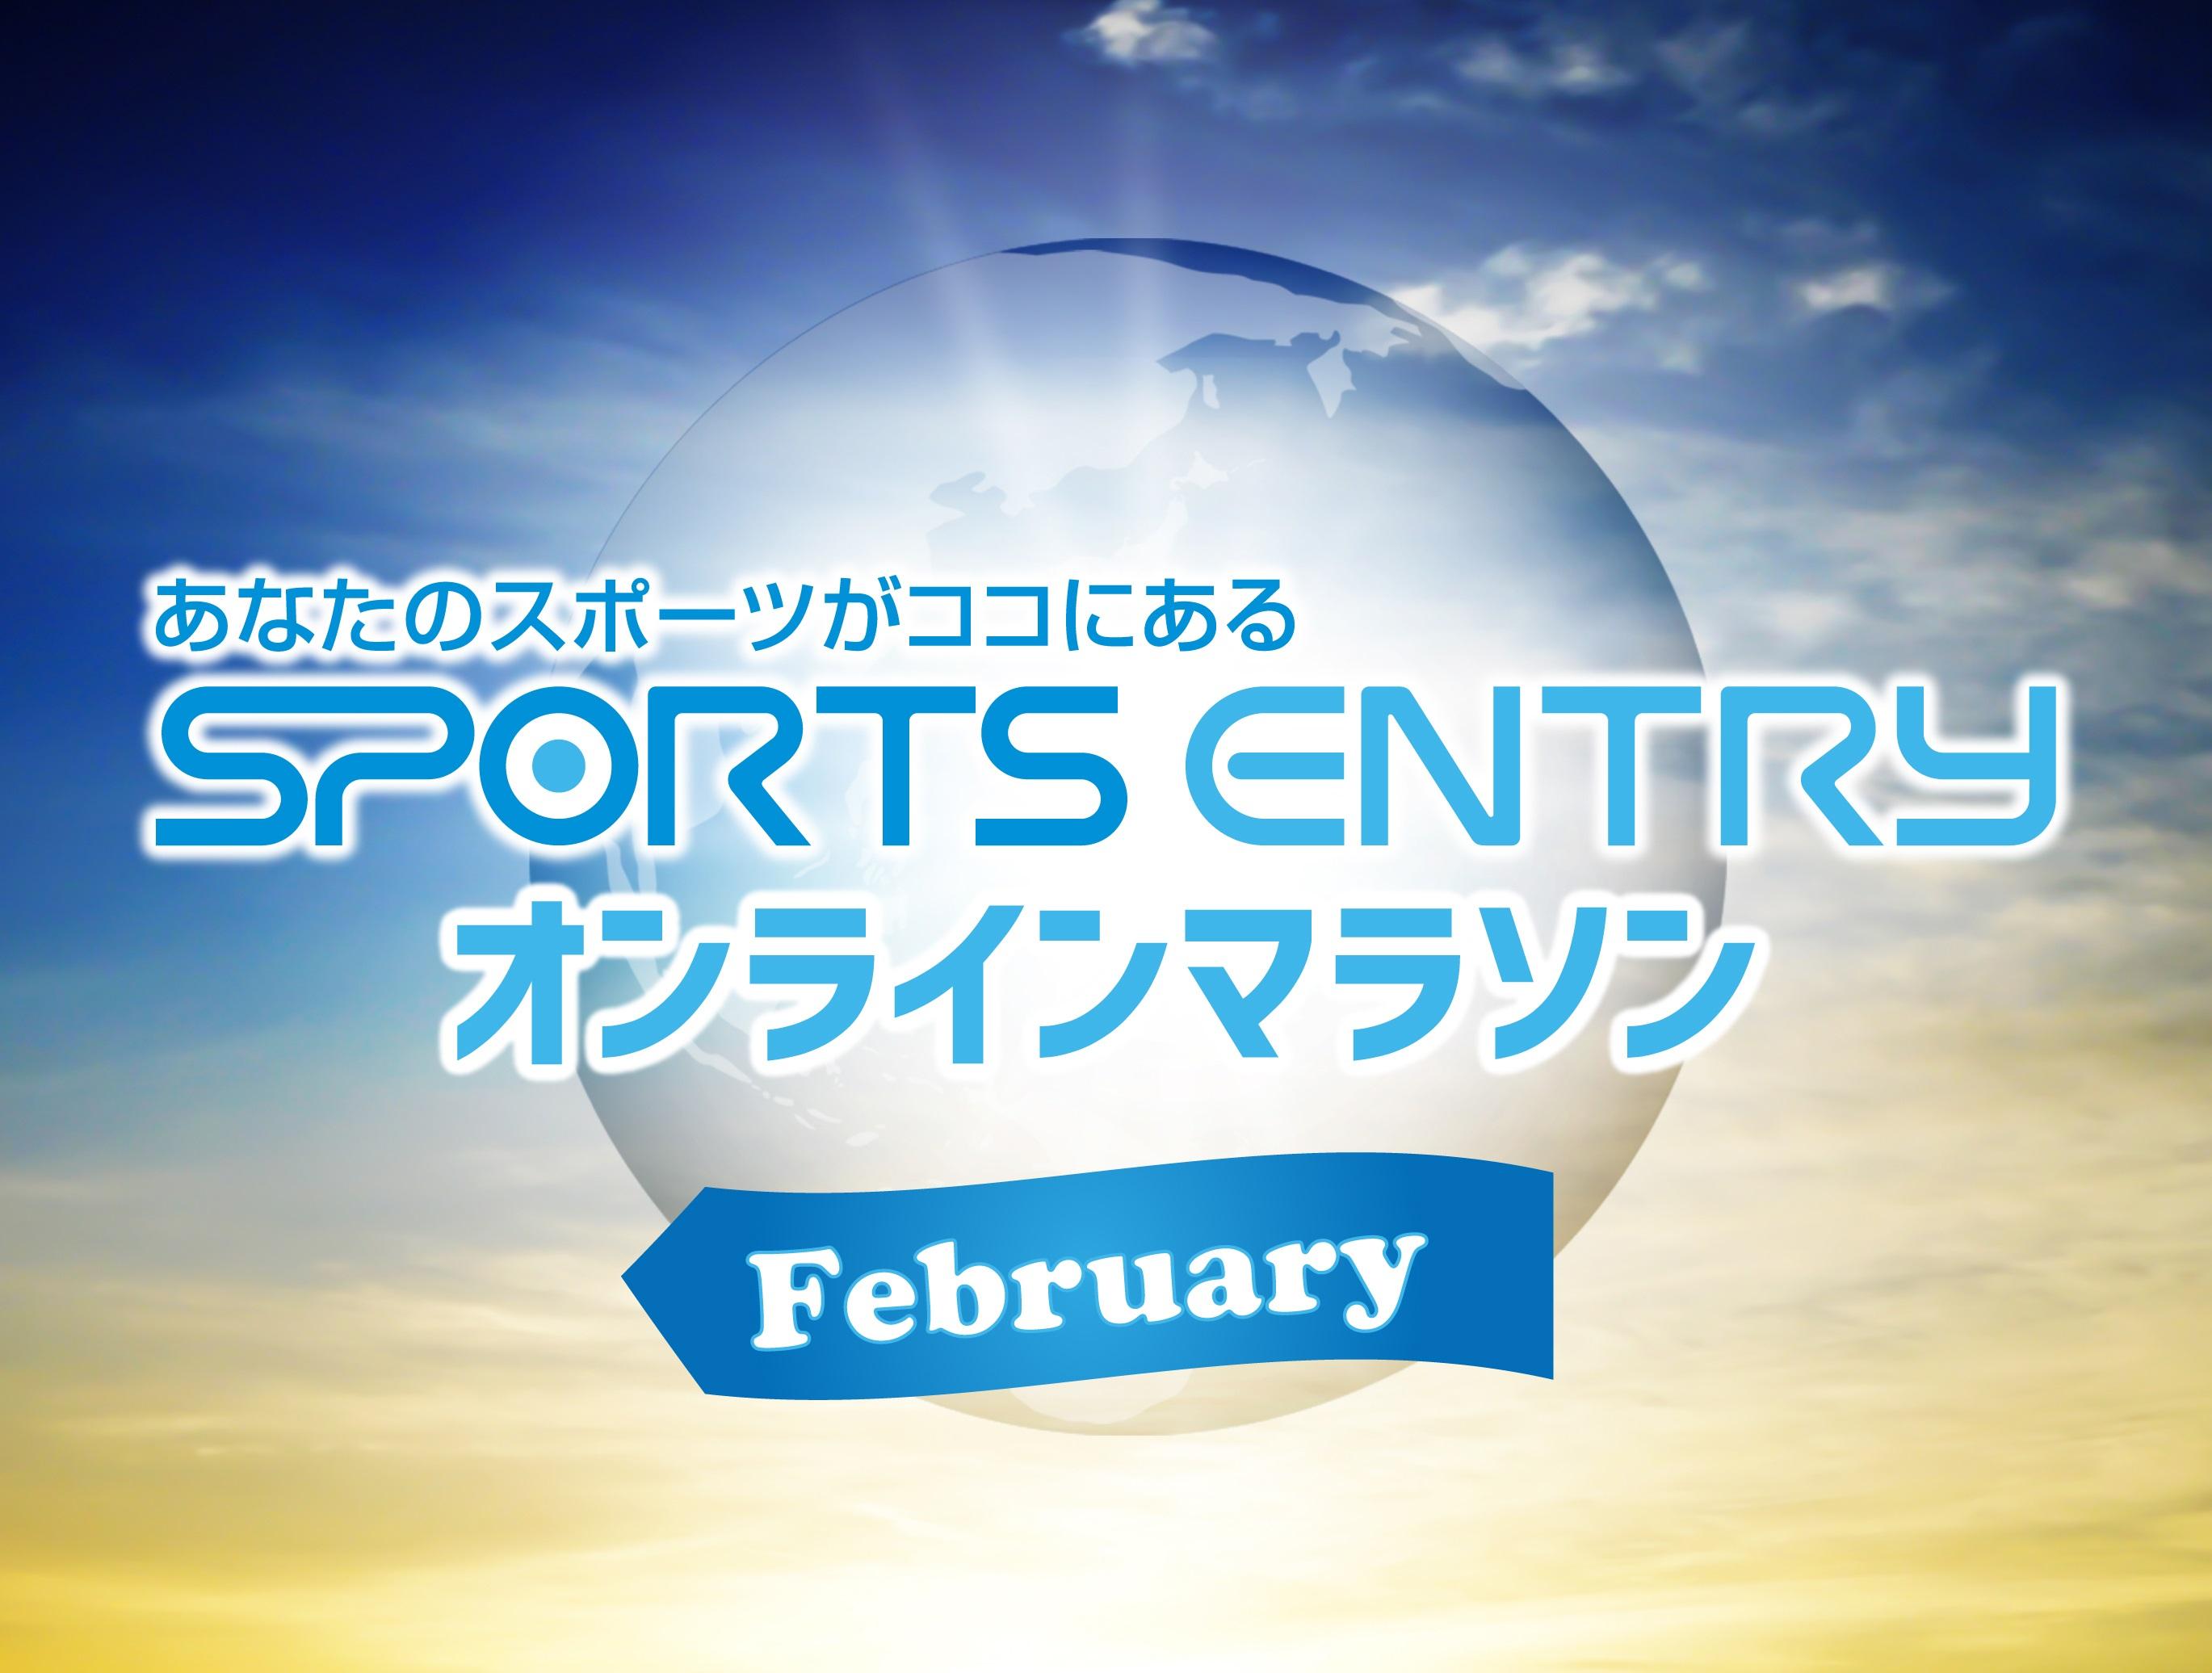 スポーツエントリー企画 オンラインマラソン【2月大会】